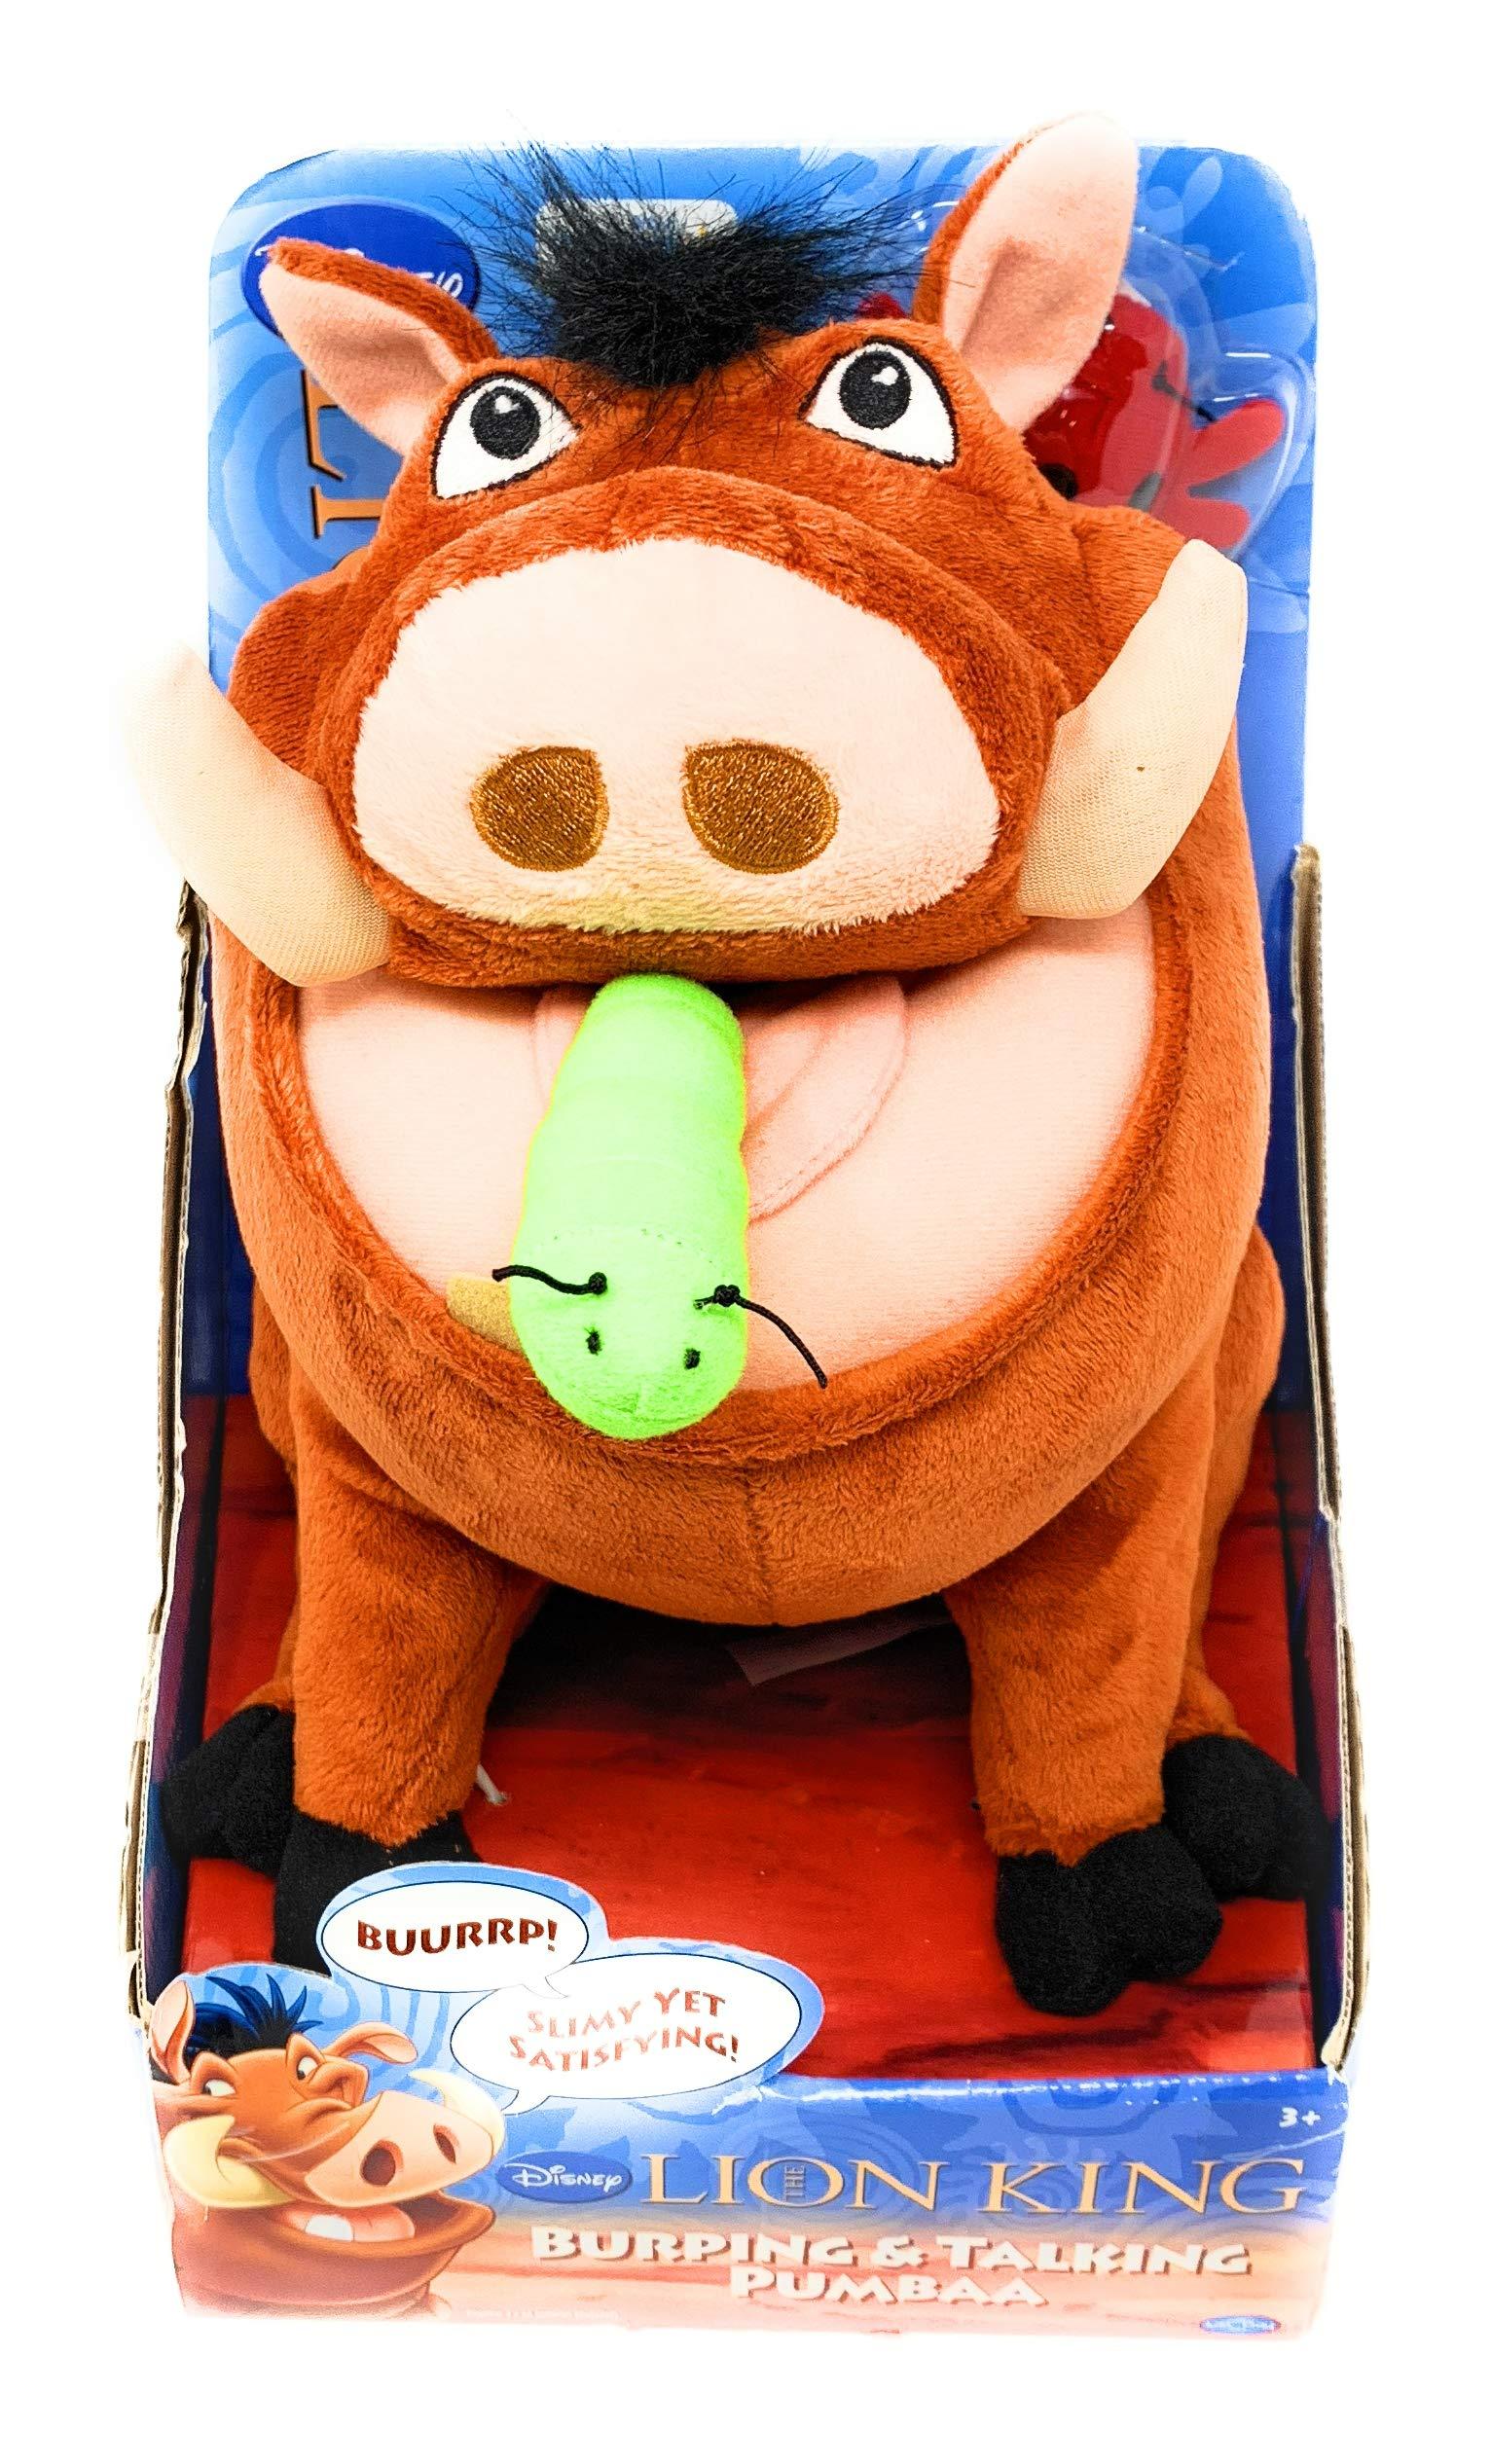 Disney Lion King Exclusive Plush Figure Burping Talking Pumbaa